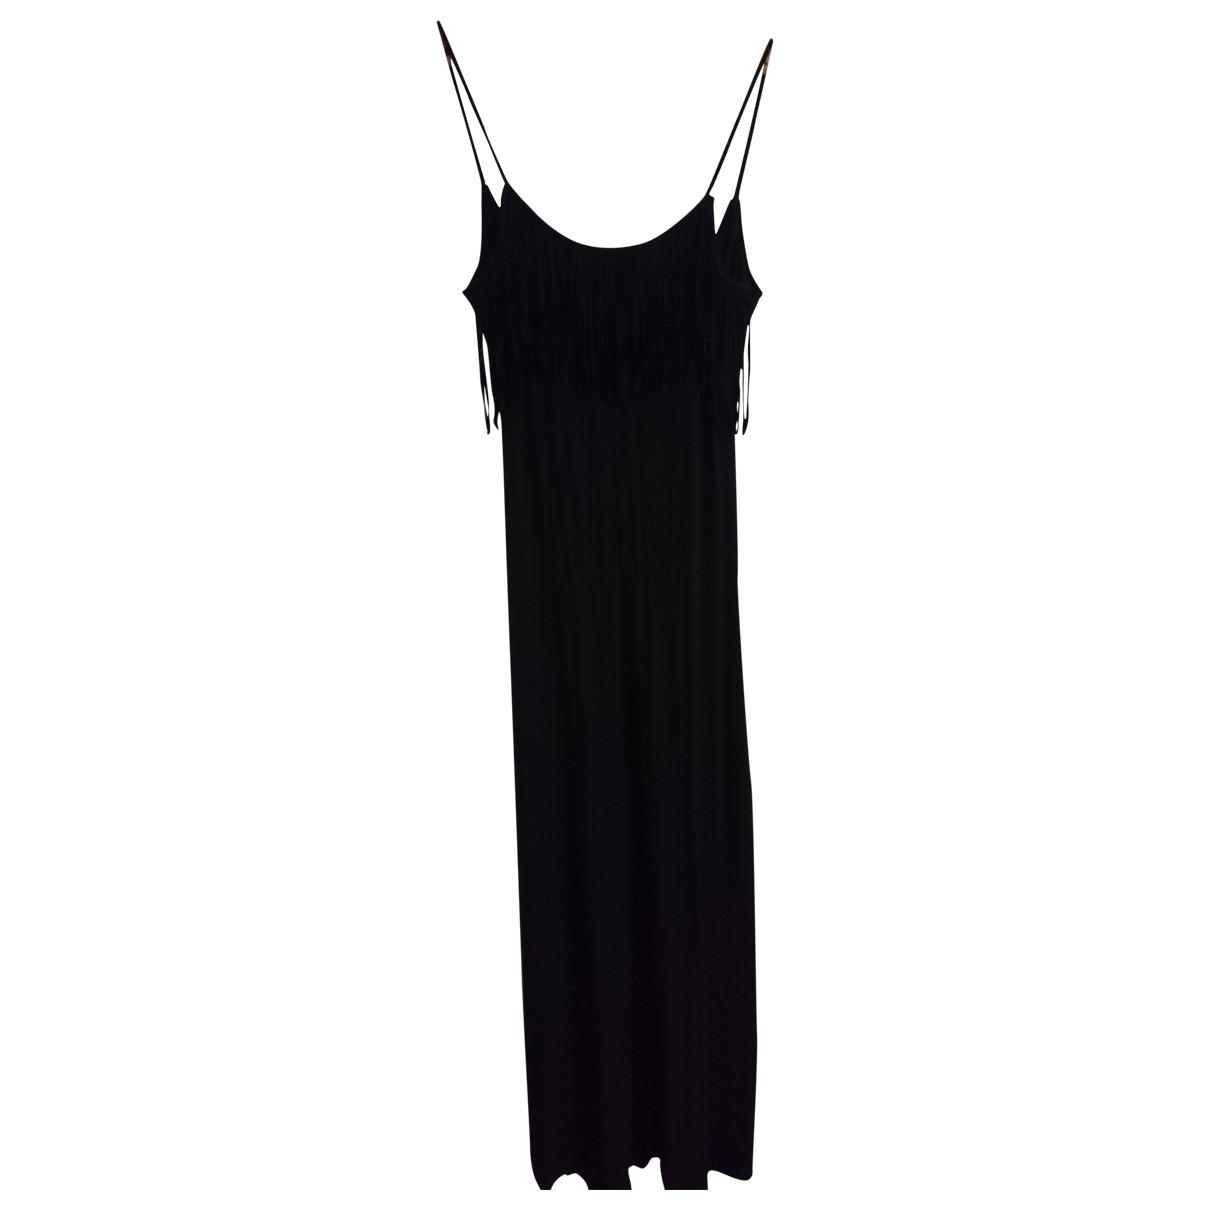 Tart \N Kleid in  Schwarz Synthetik